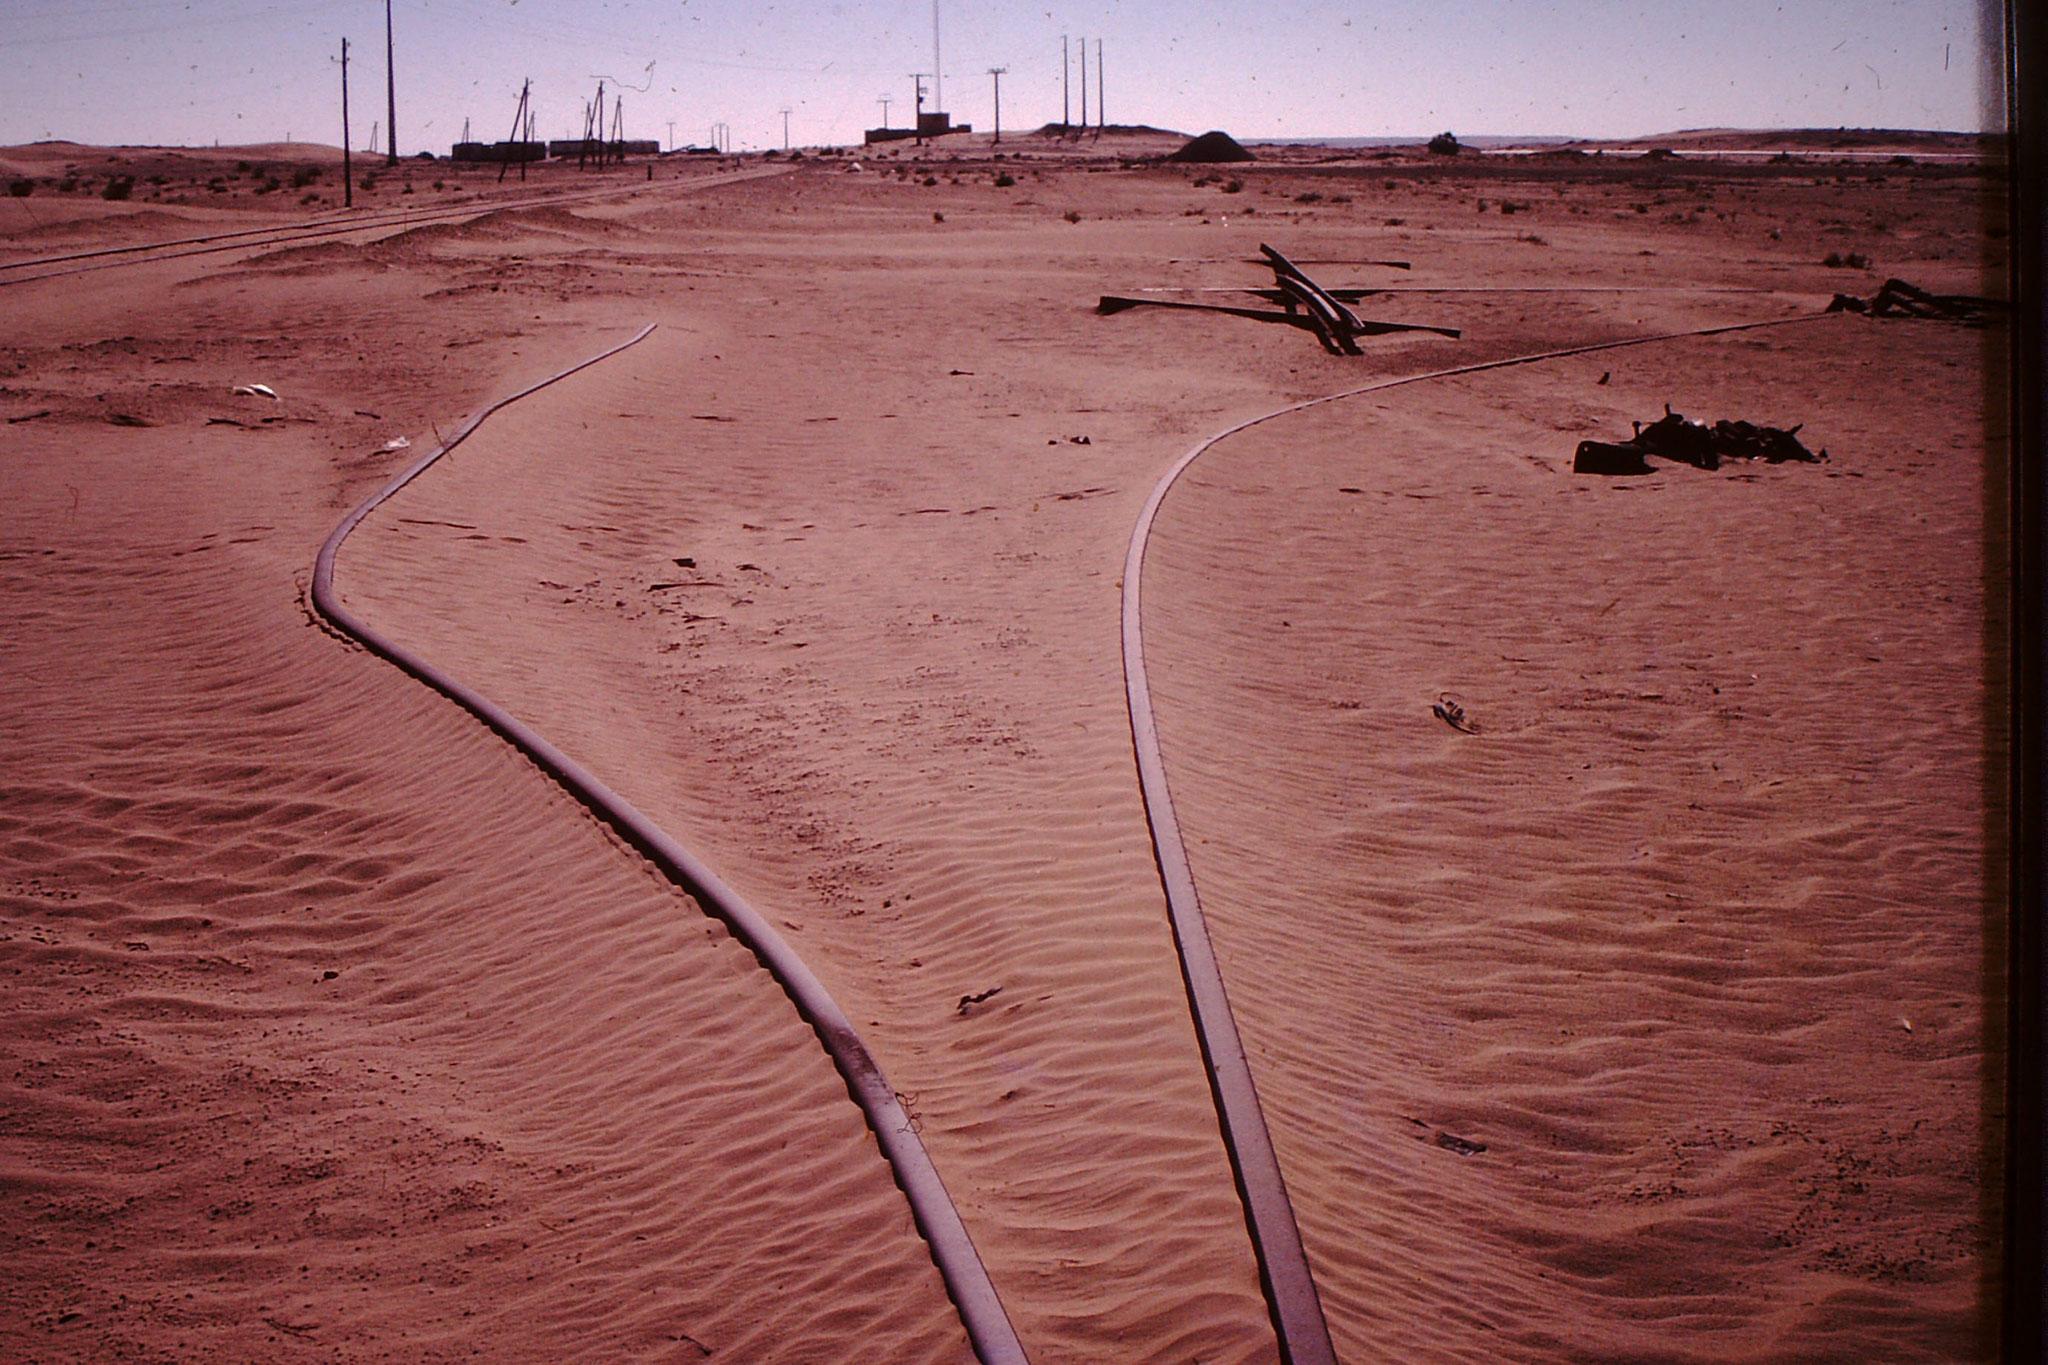 Ob das Unglück wegen dieser Verwerfungs des Gleises war, ist mir nicht bekannt.